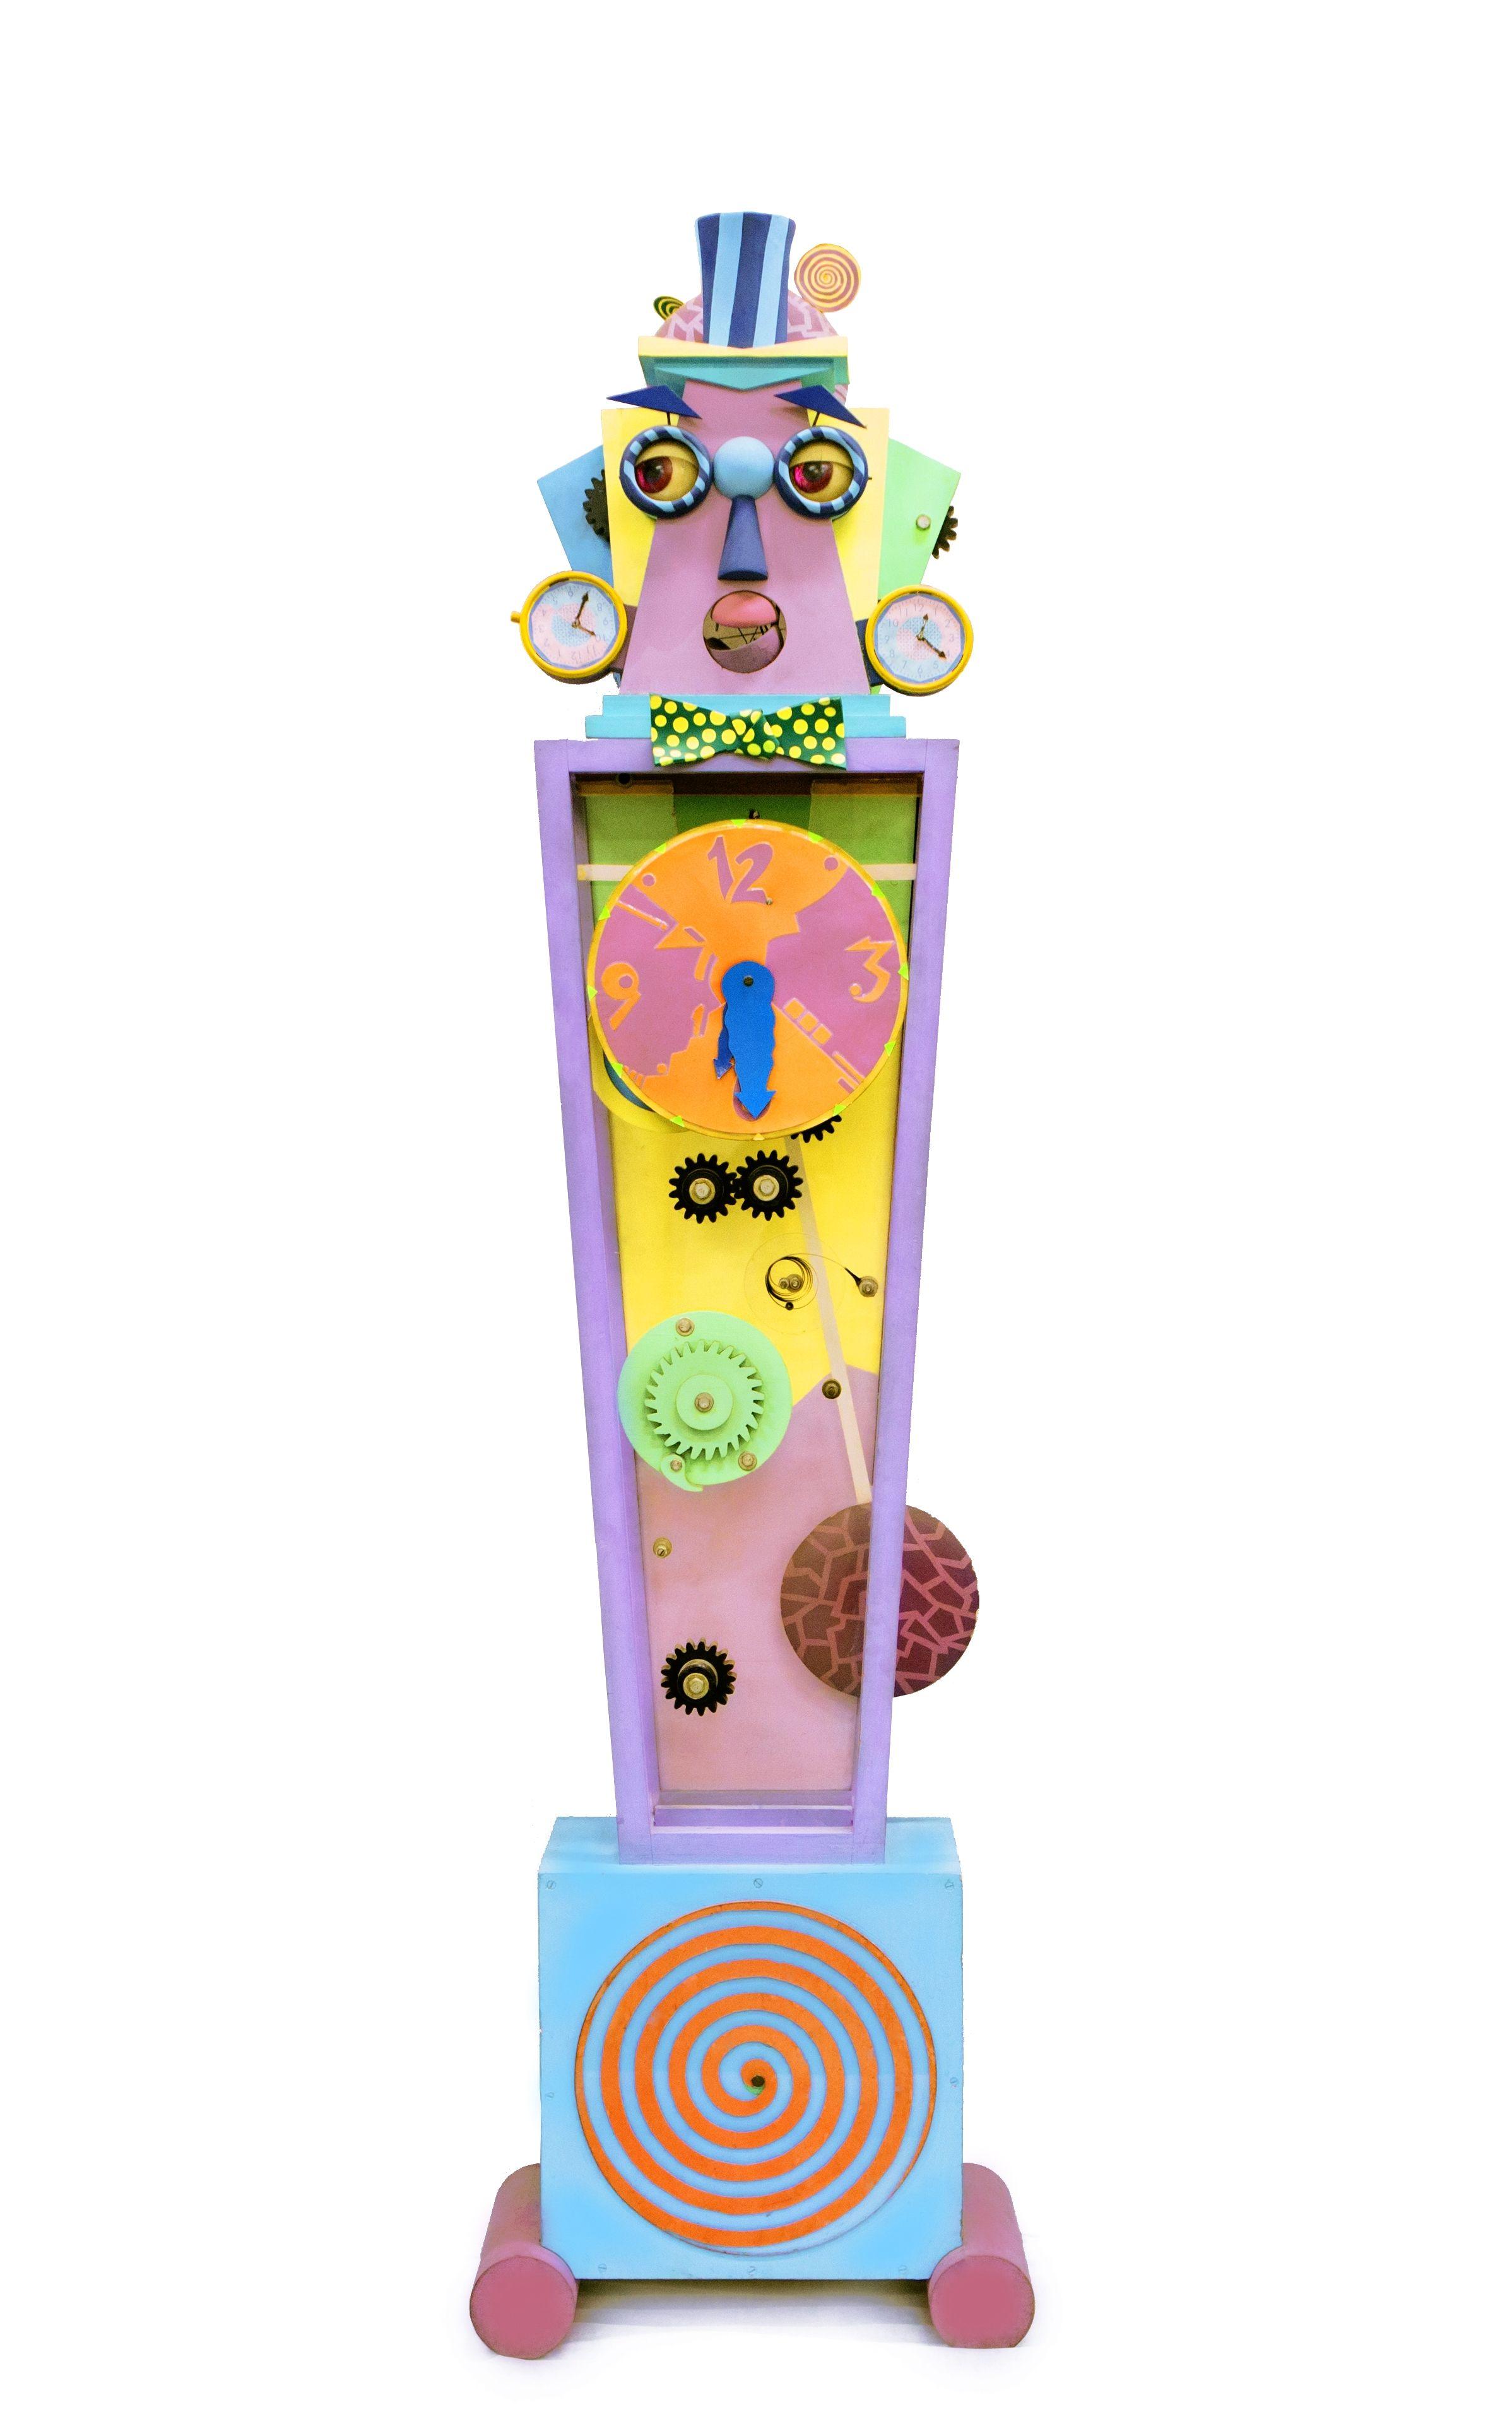 5A-Relógio-construção-coletiva-da-euipe-de-cenotécnicos-e-efeitos-especiais-da-TV-Cultura.-1.jpg (2396×3840)